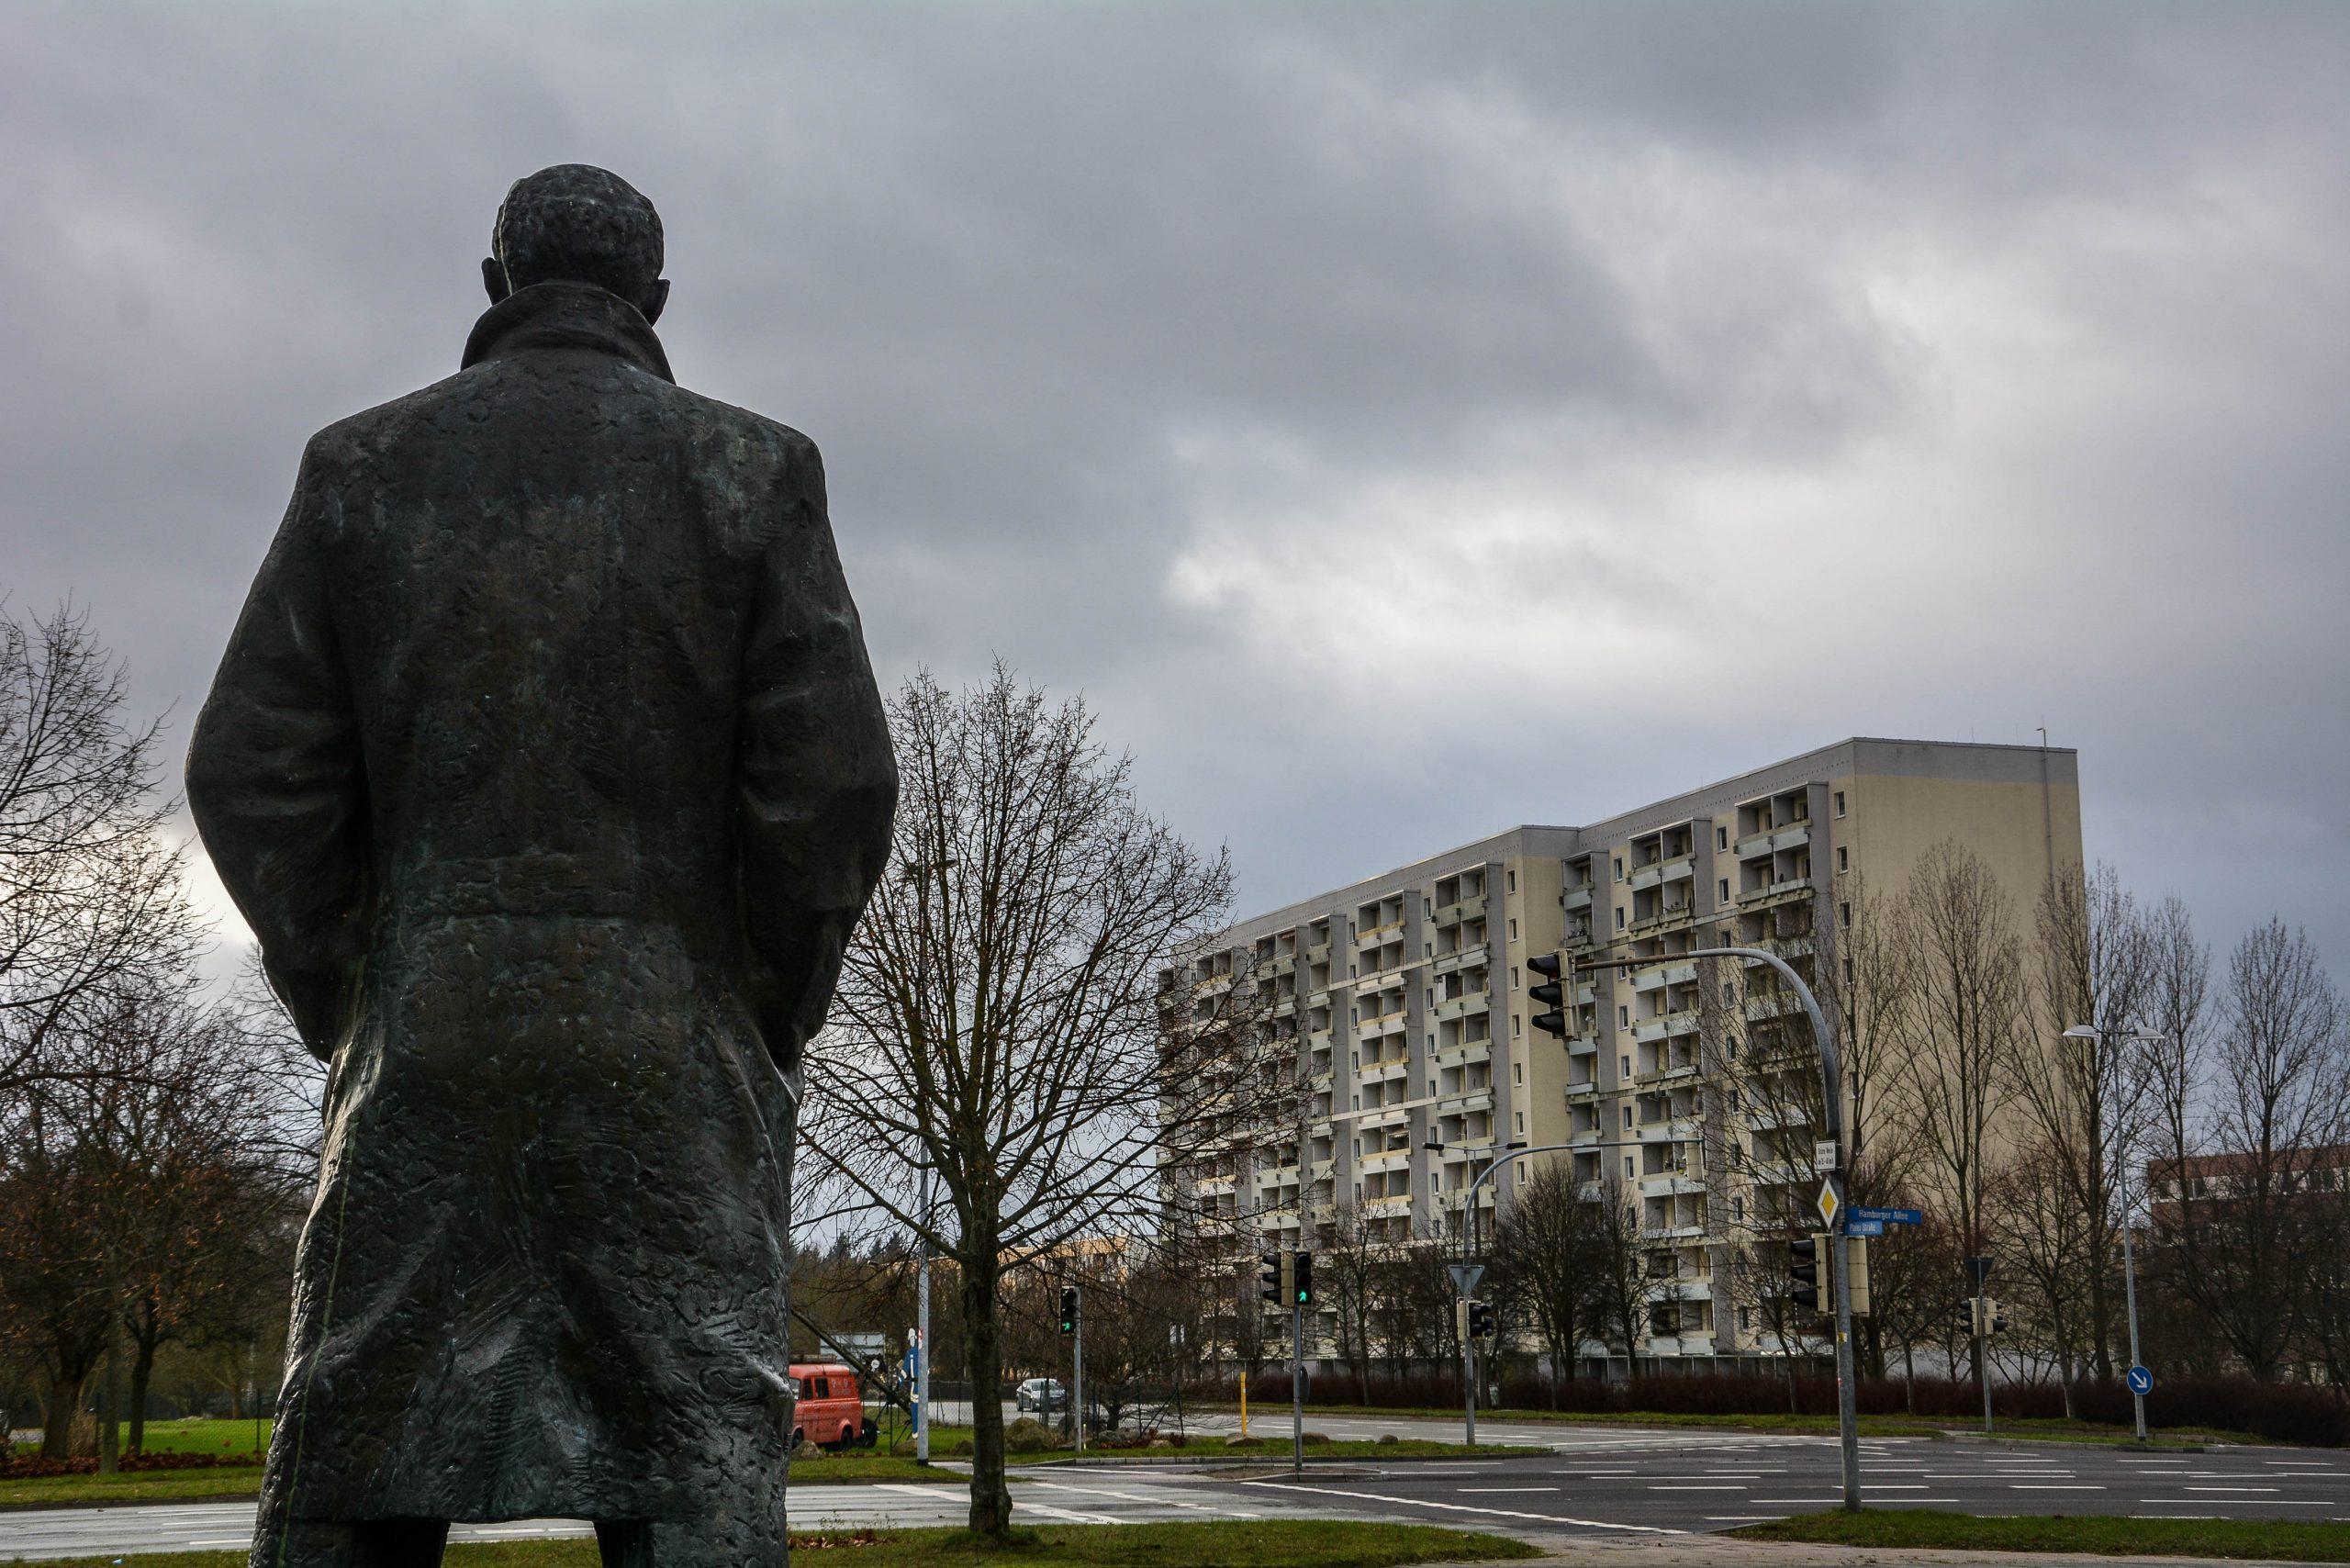 rueckenansicht lenin statue denkmal memorial schwerin mecklenburg vorpommern germany deutschland